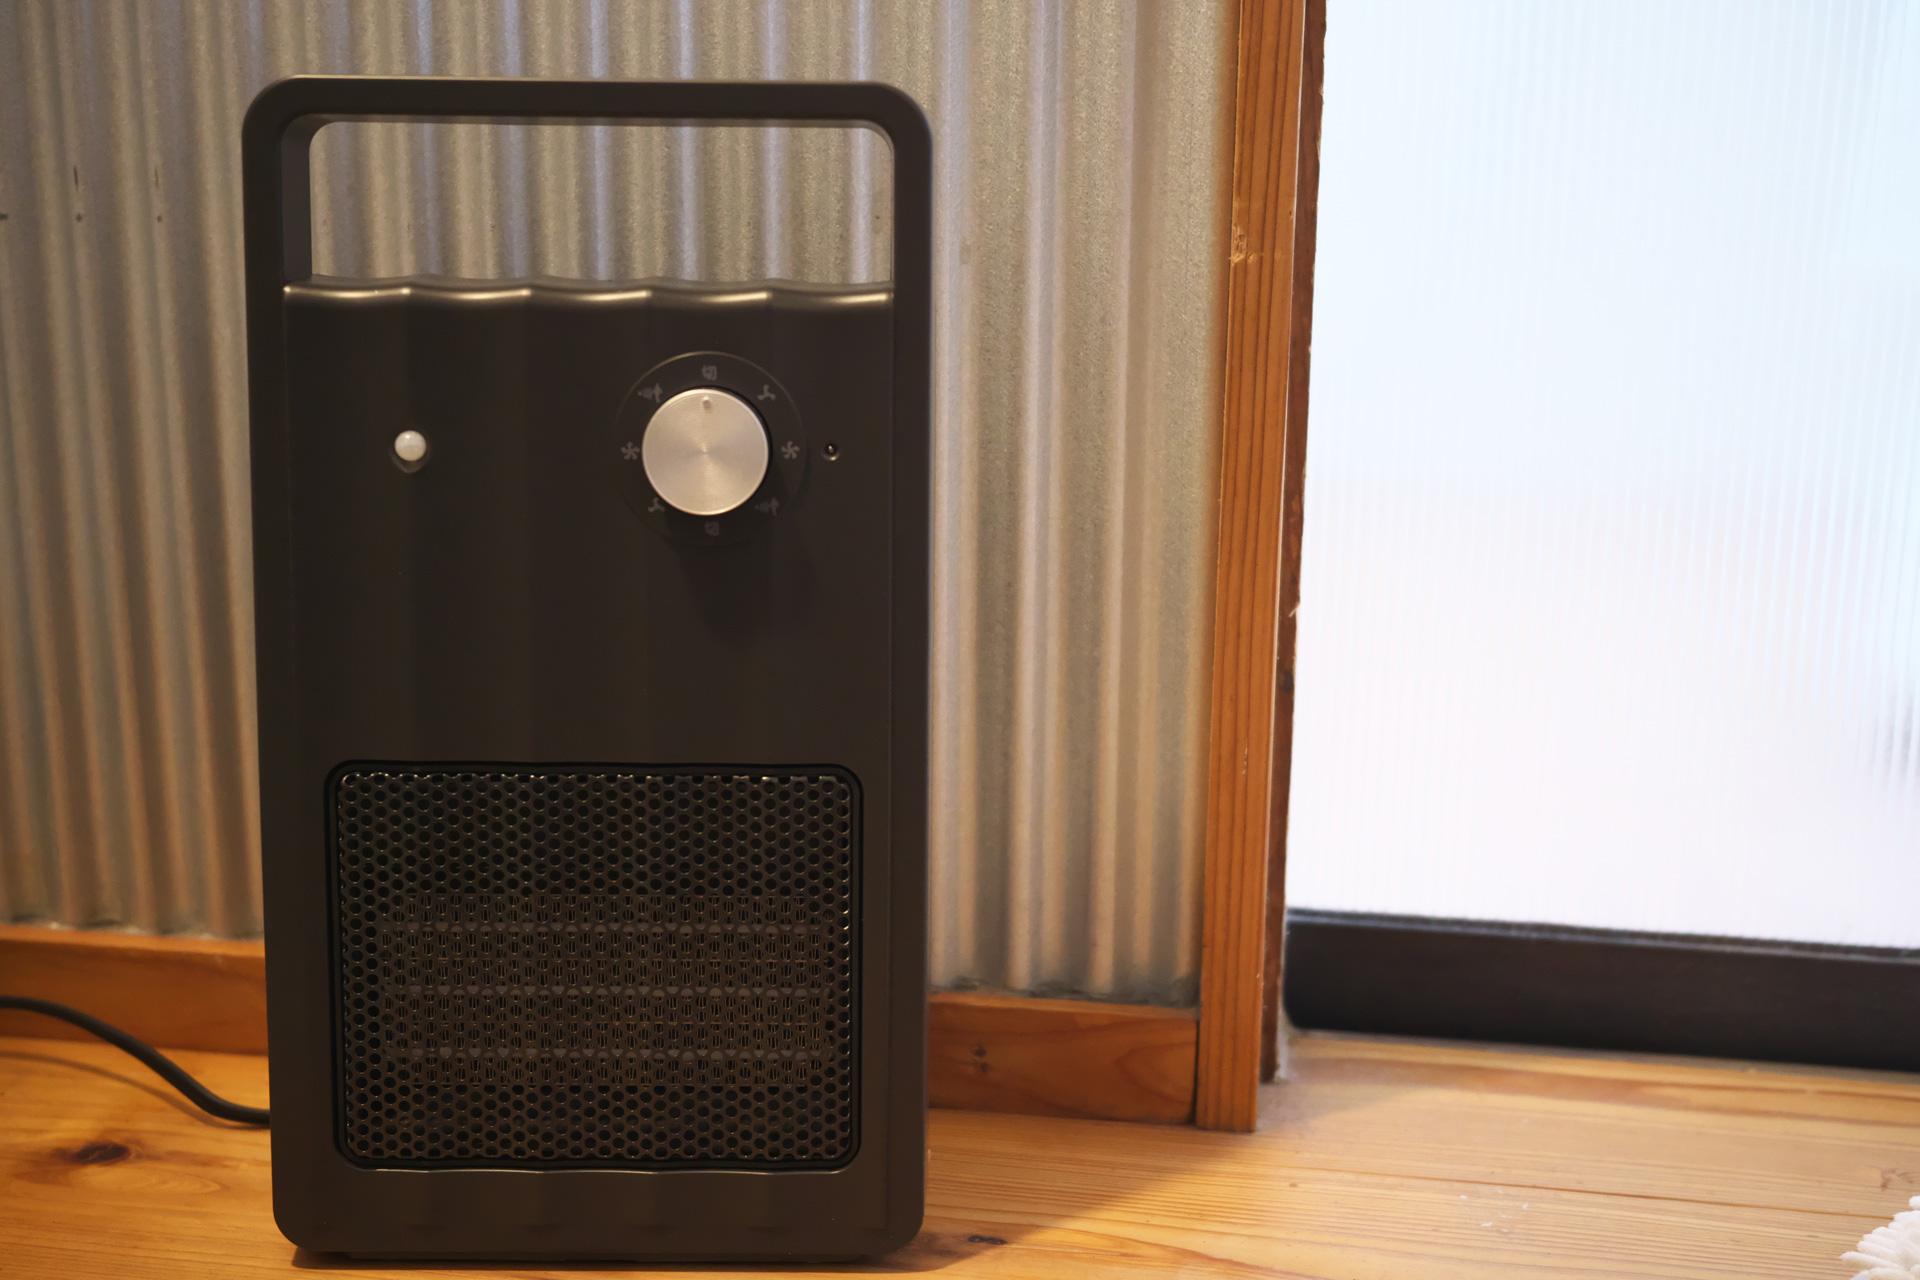 省スペース:人感センサー付セラミックファンヒーター「NAFCO W-01」